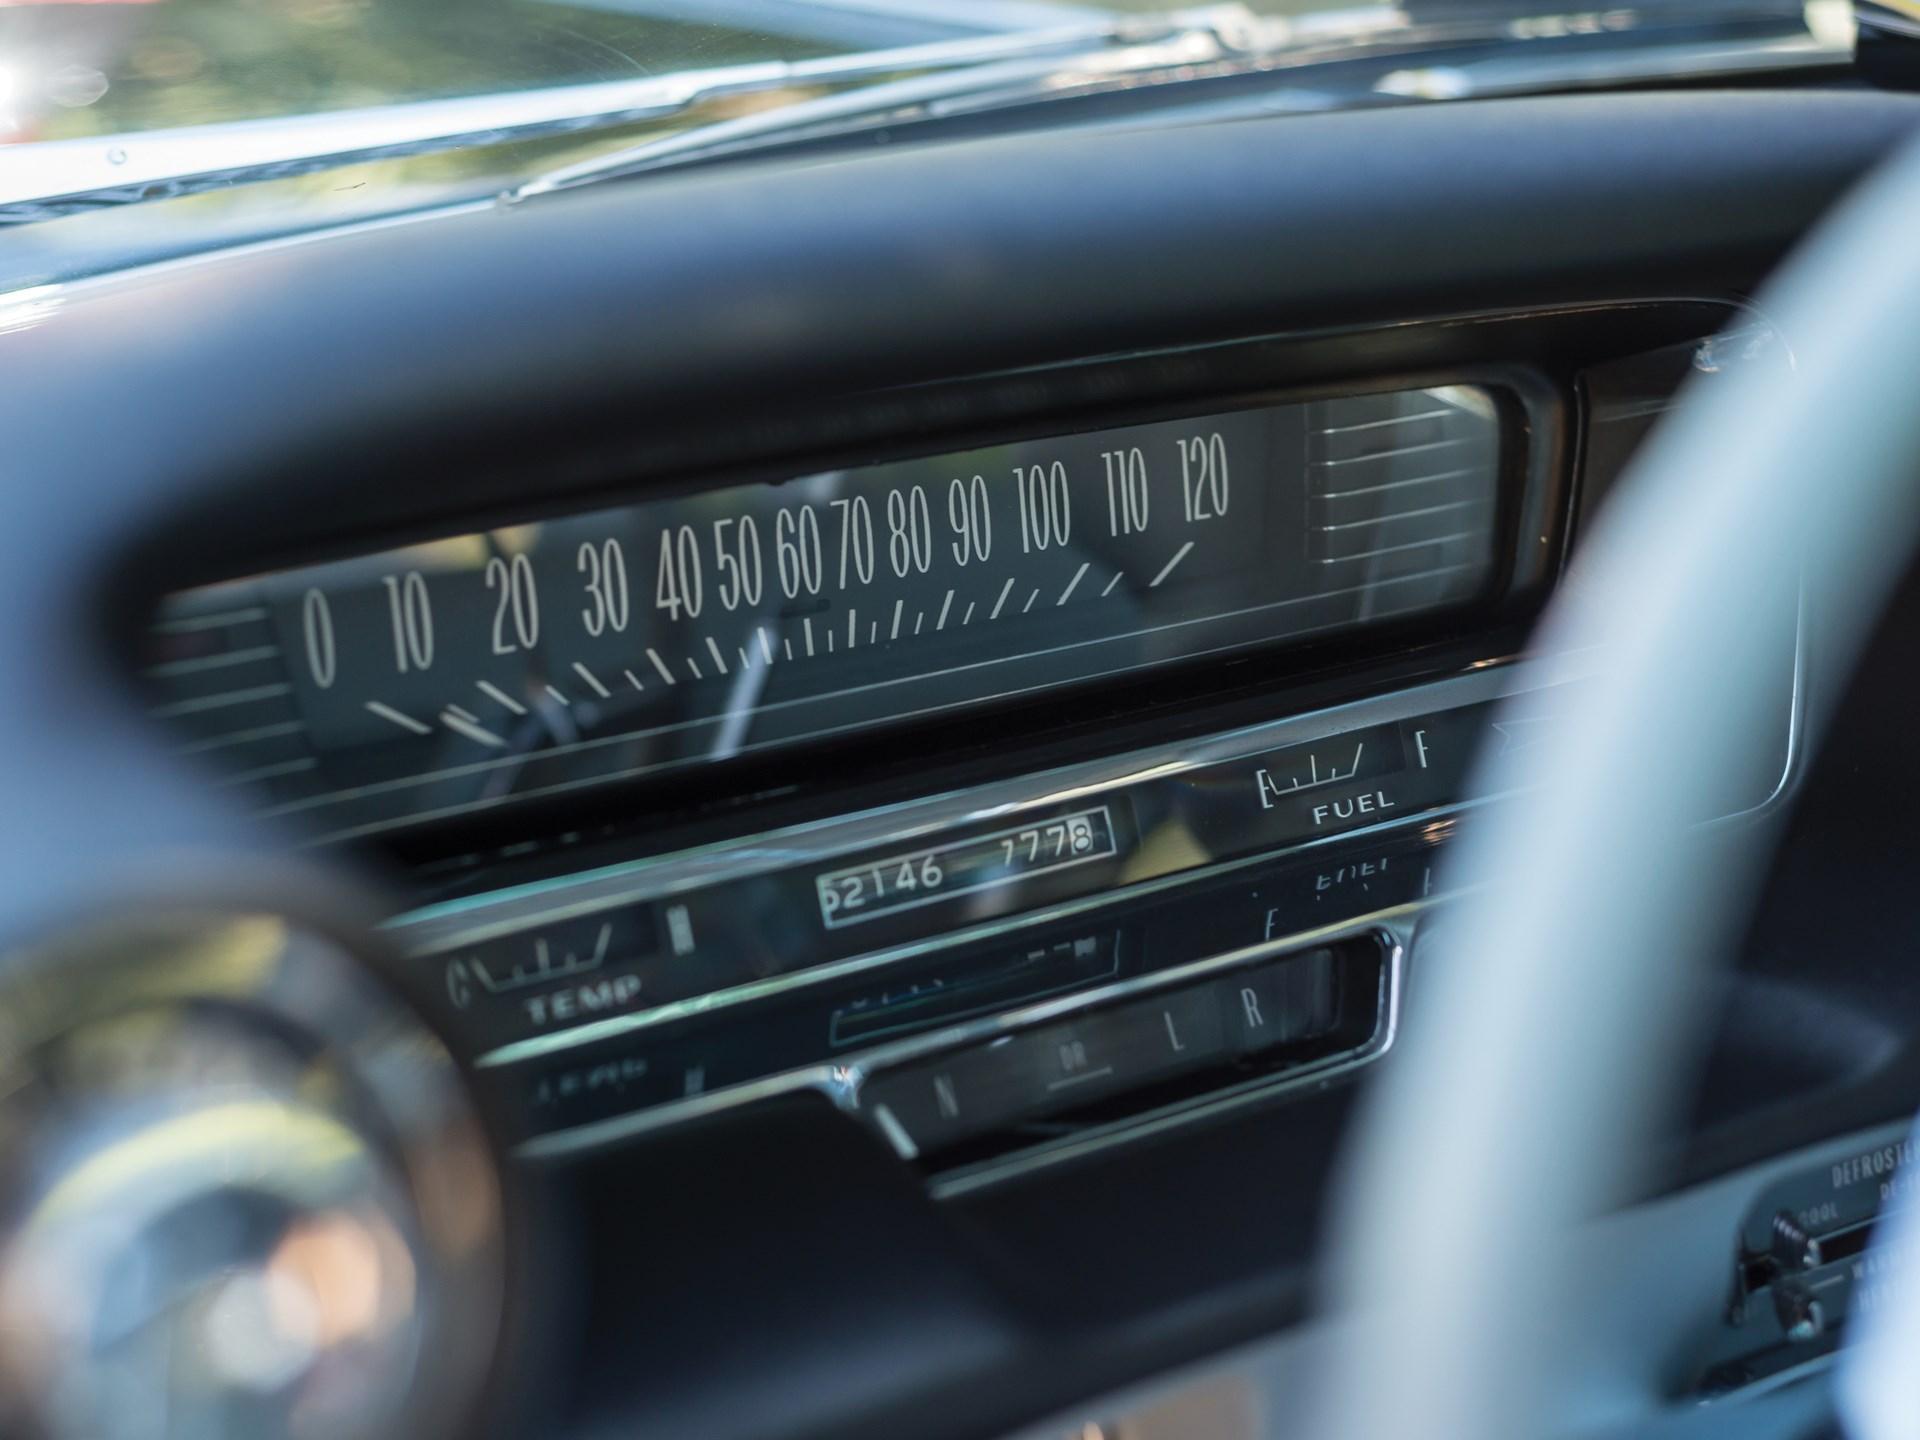 rm sotheby s 1959 cadillac eldorado brougham by pinin farina 1959 Cadillac Eldorado 1959 cadillac eldorado brougham by pinin farina